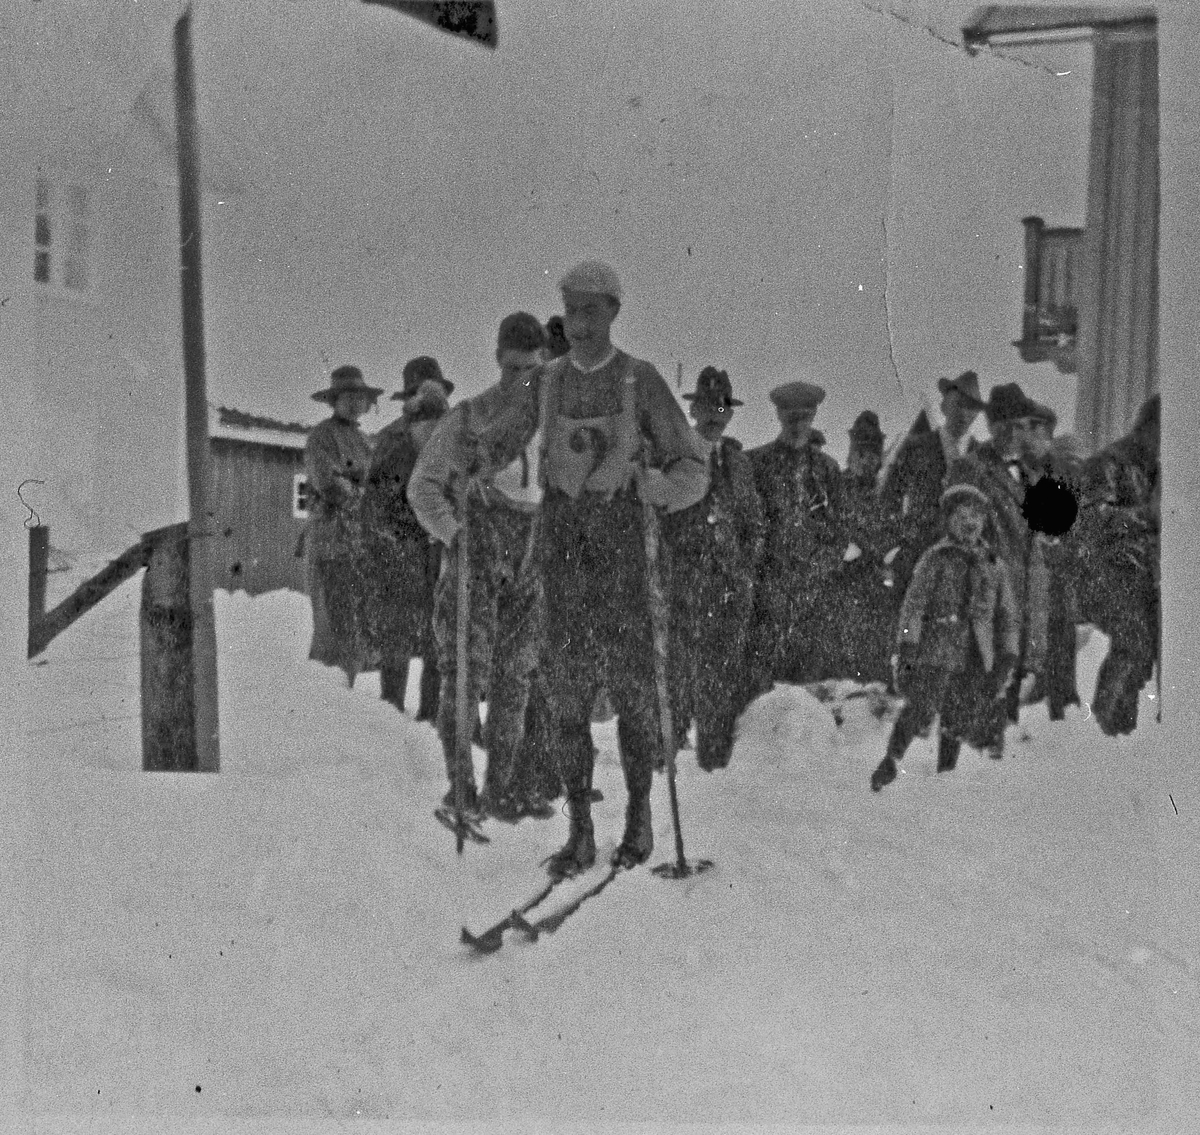 Skirenn. Kretslangrenn på Gardermoen. 1922. Start nr. 2 er Carsten Lyshaug, rennets vinner.